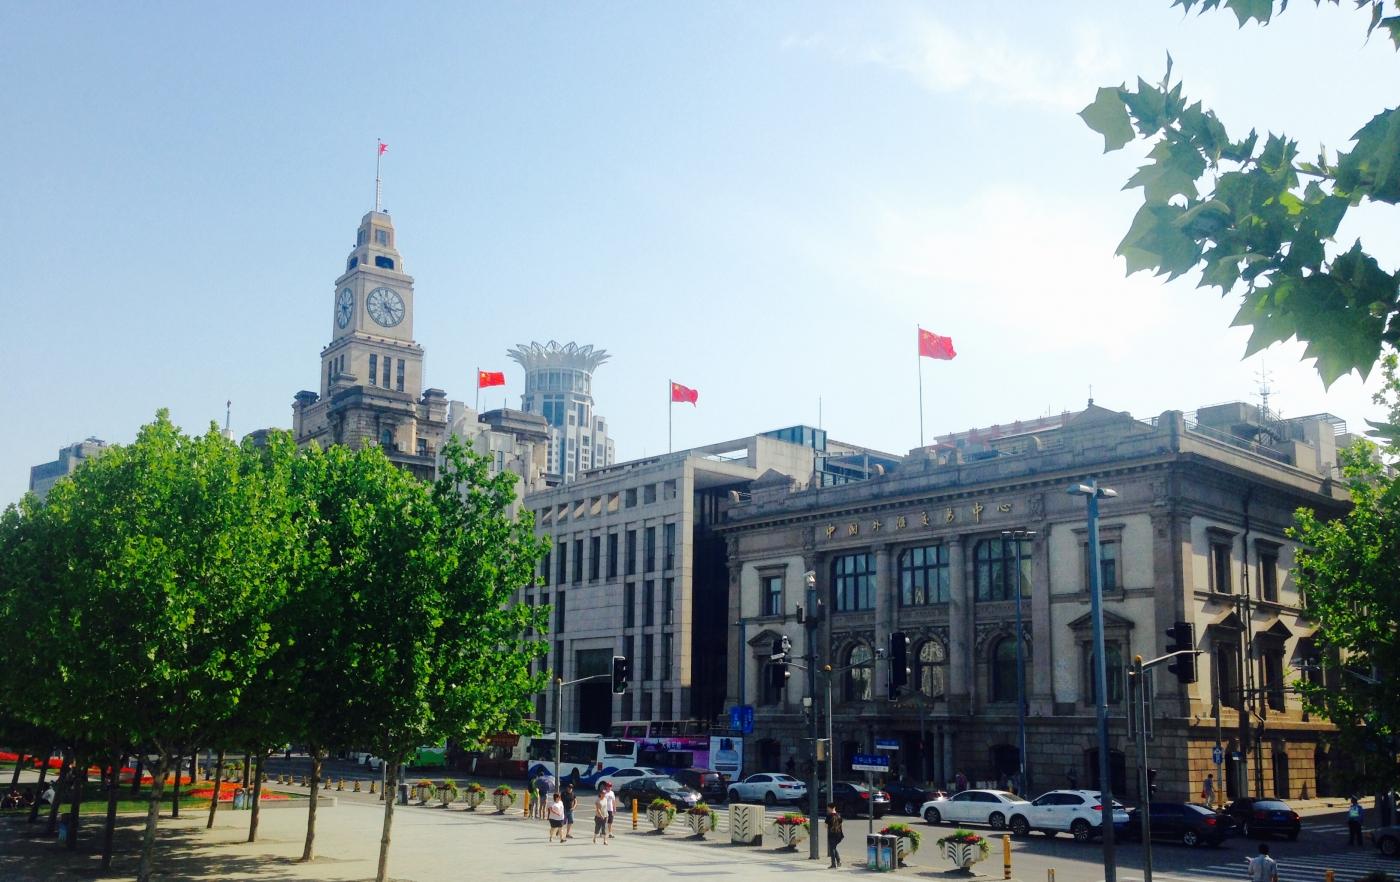 闲逛上海看街景_图1-29